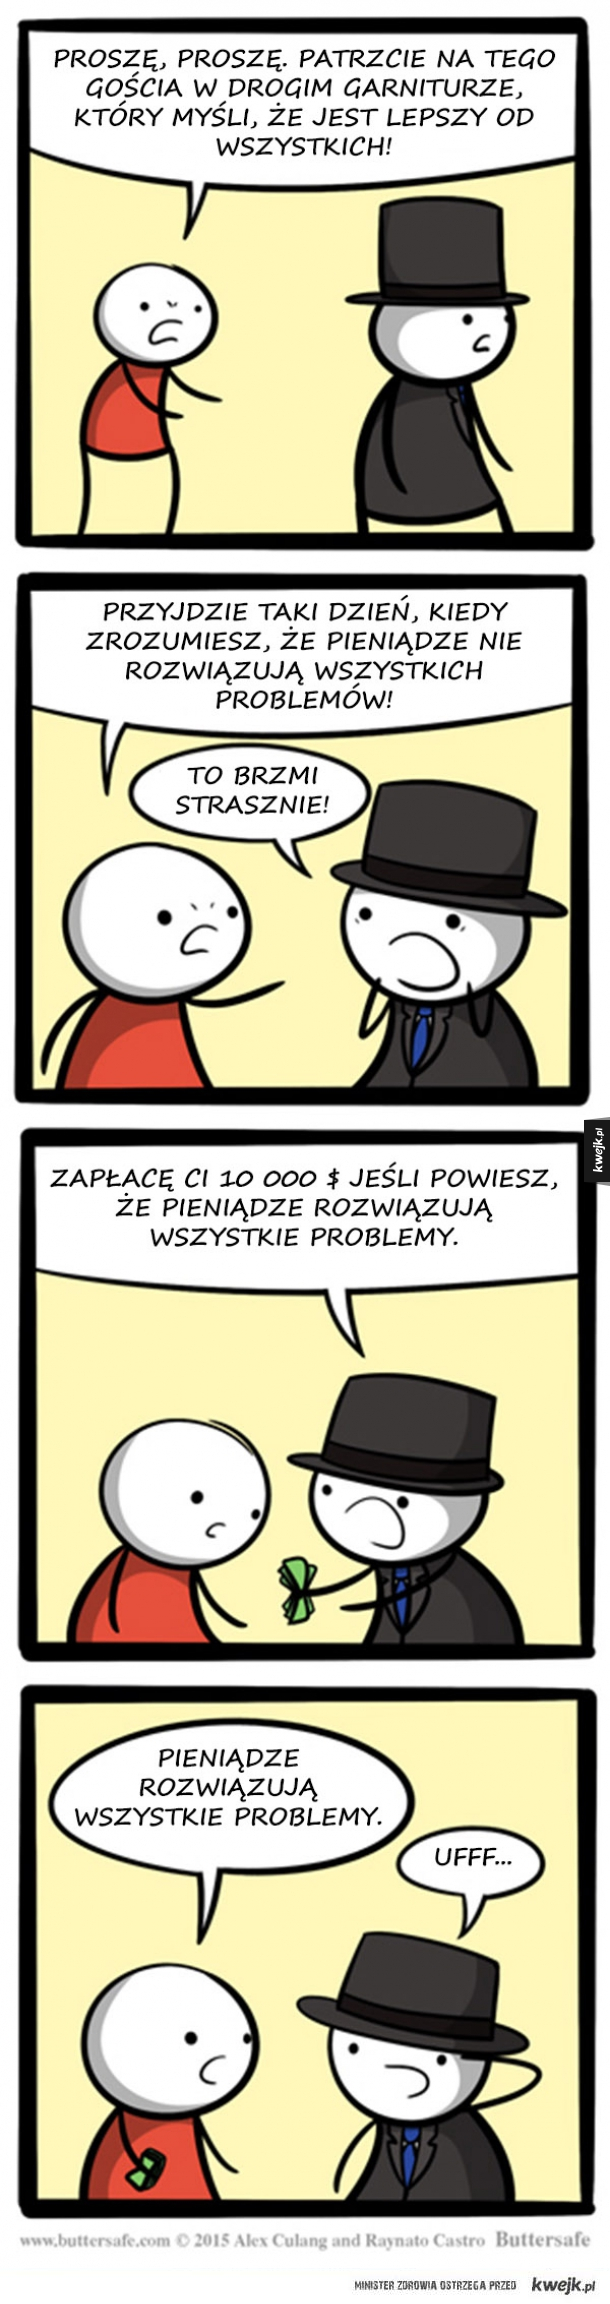 Krótki komiks o sile pieniądza